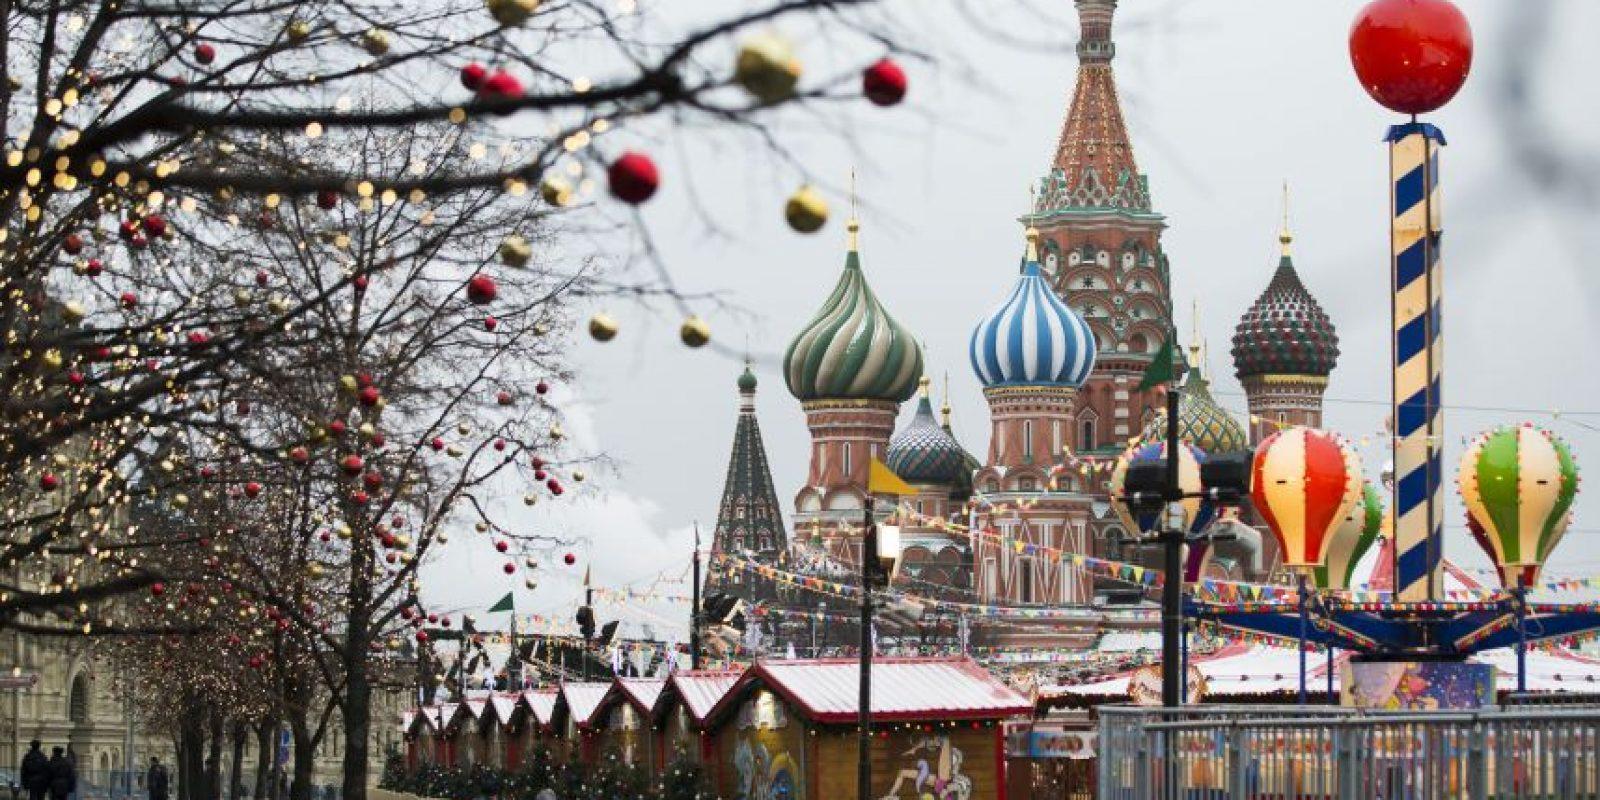 Rusia Foto:AP Foto/ Pavel Golovkin